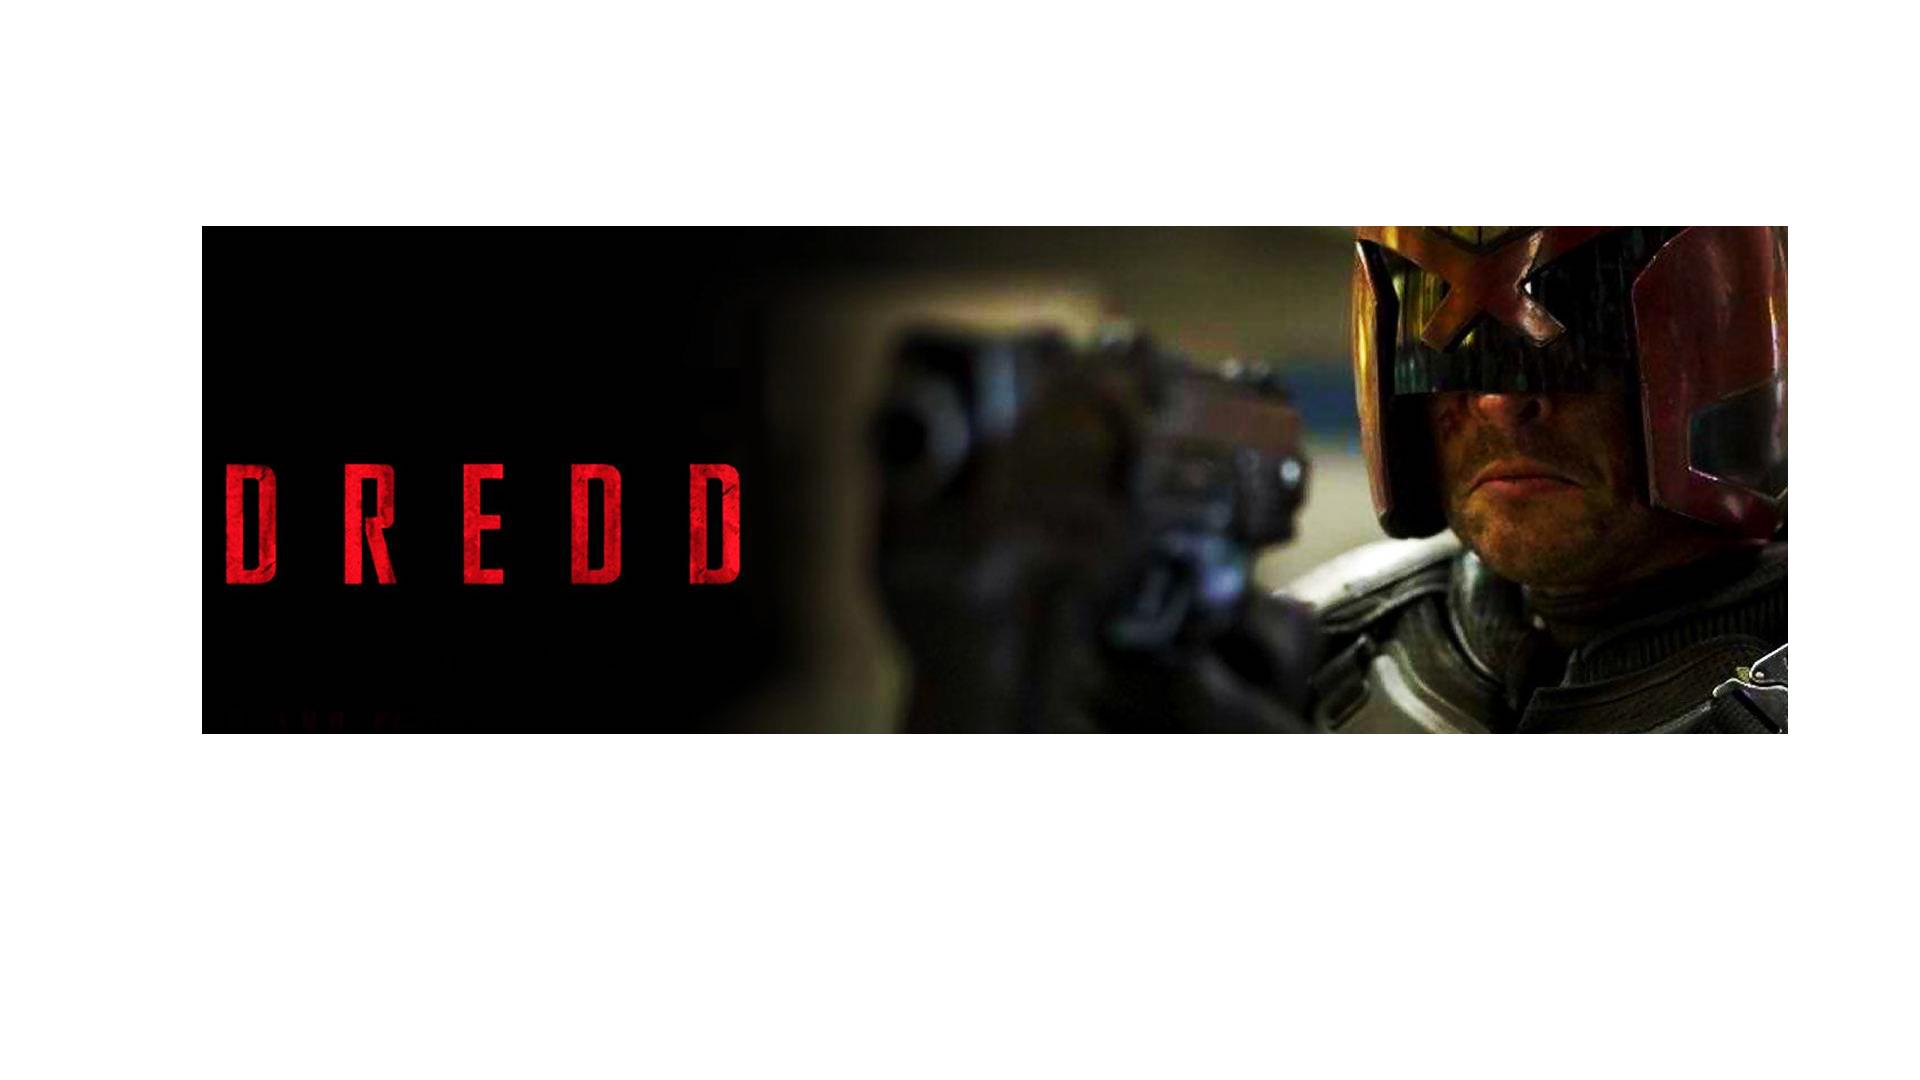 فیلم قاضی دِرِد (Judge Dredd) محصول ۲۰۱۲